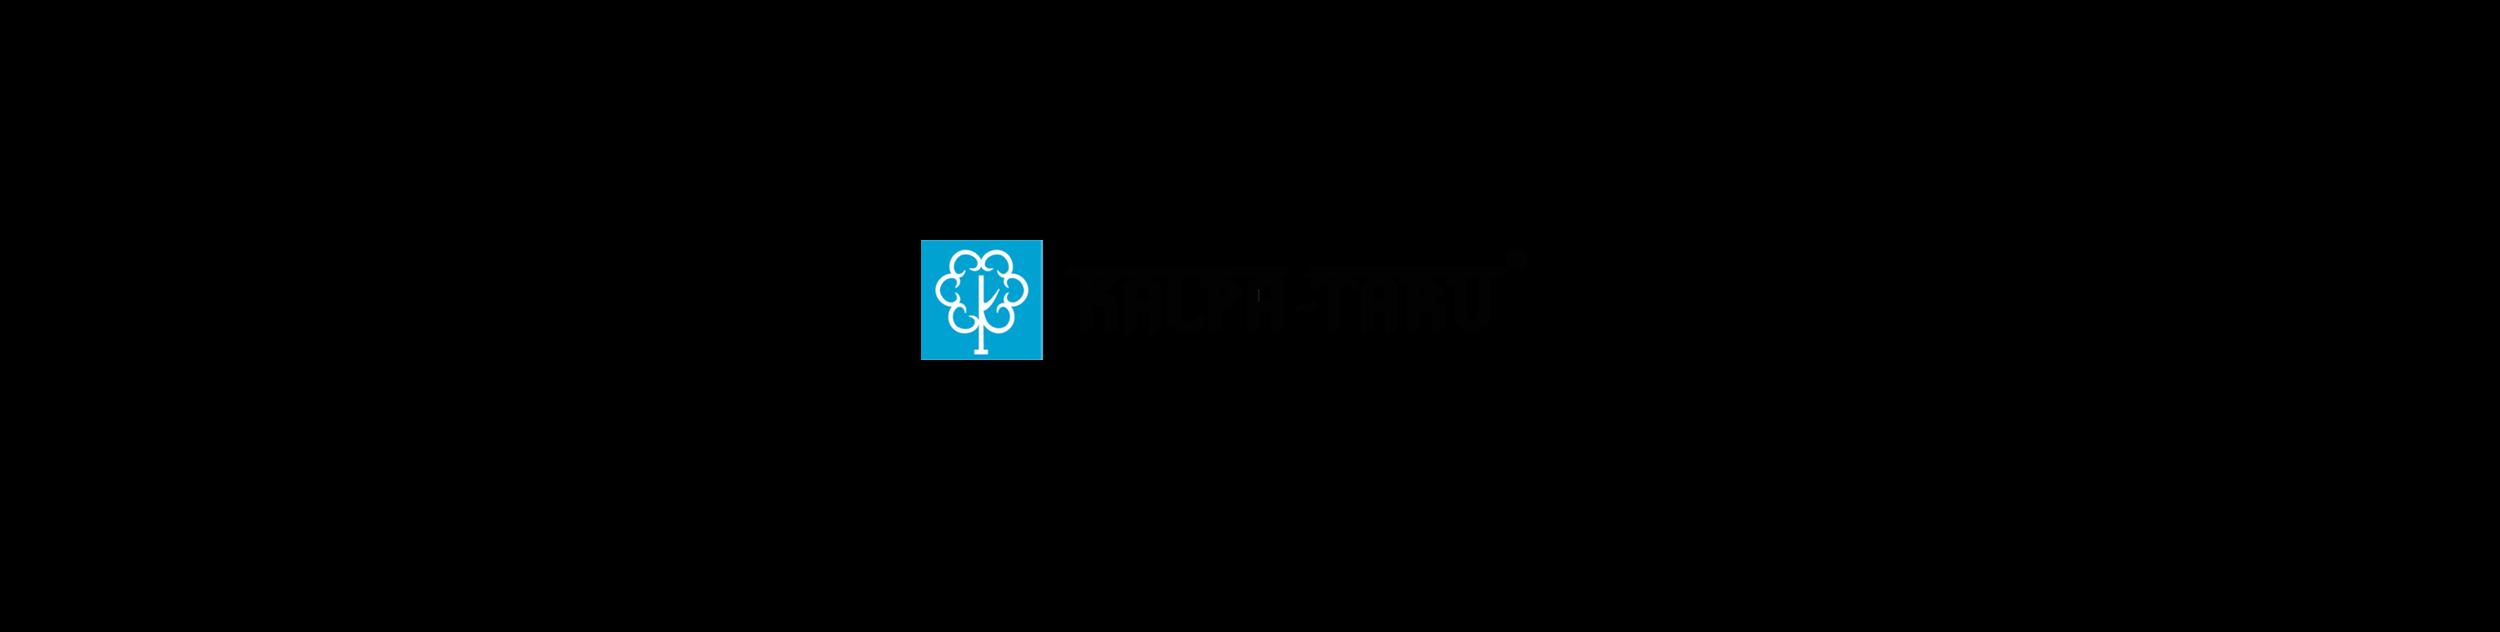 kalpataru-logo transparent.png